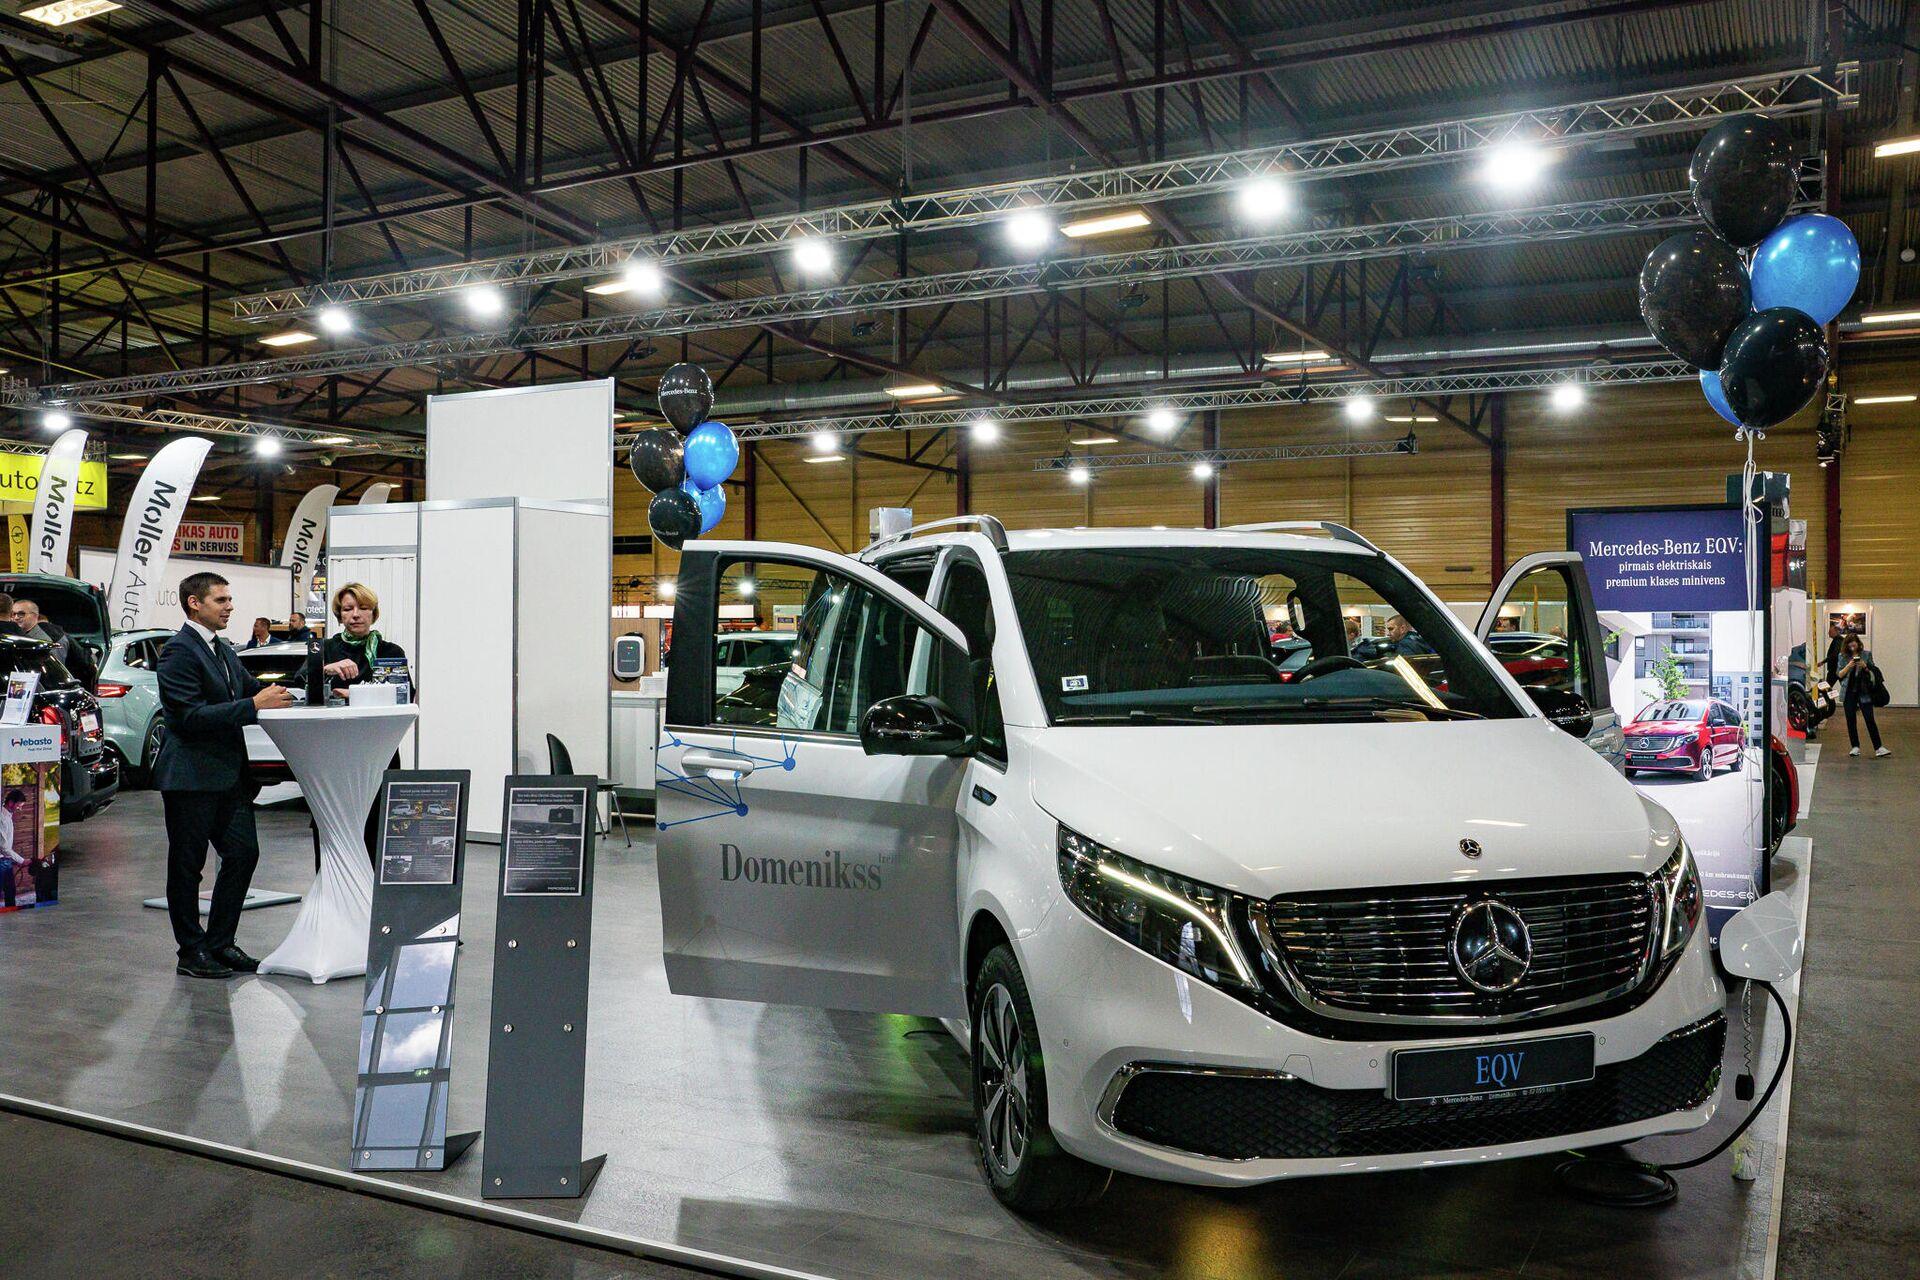 Целый стенд на выставке Auto 2021 посвещен электромобилям - Sputnik Латвия, 1920, 25.09.2021